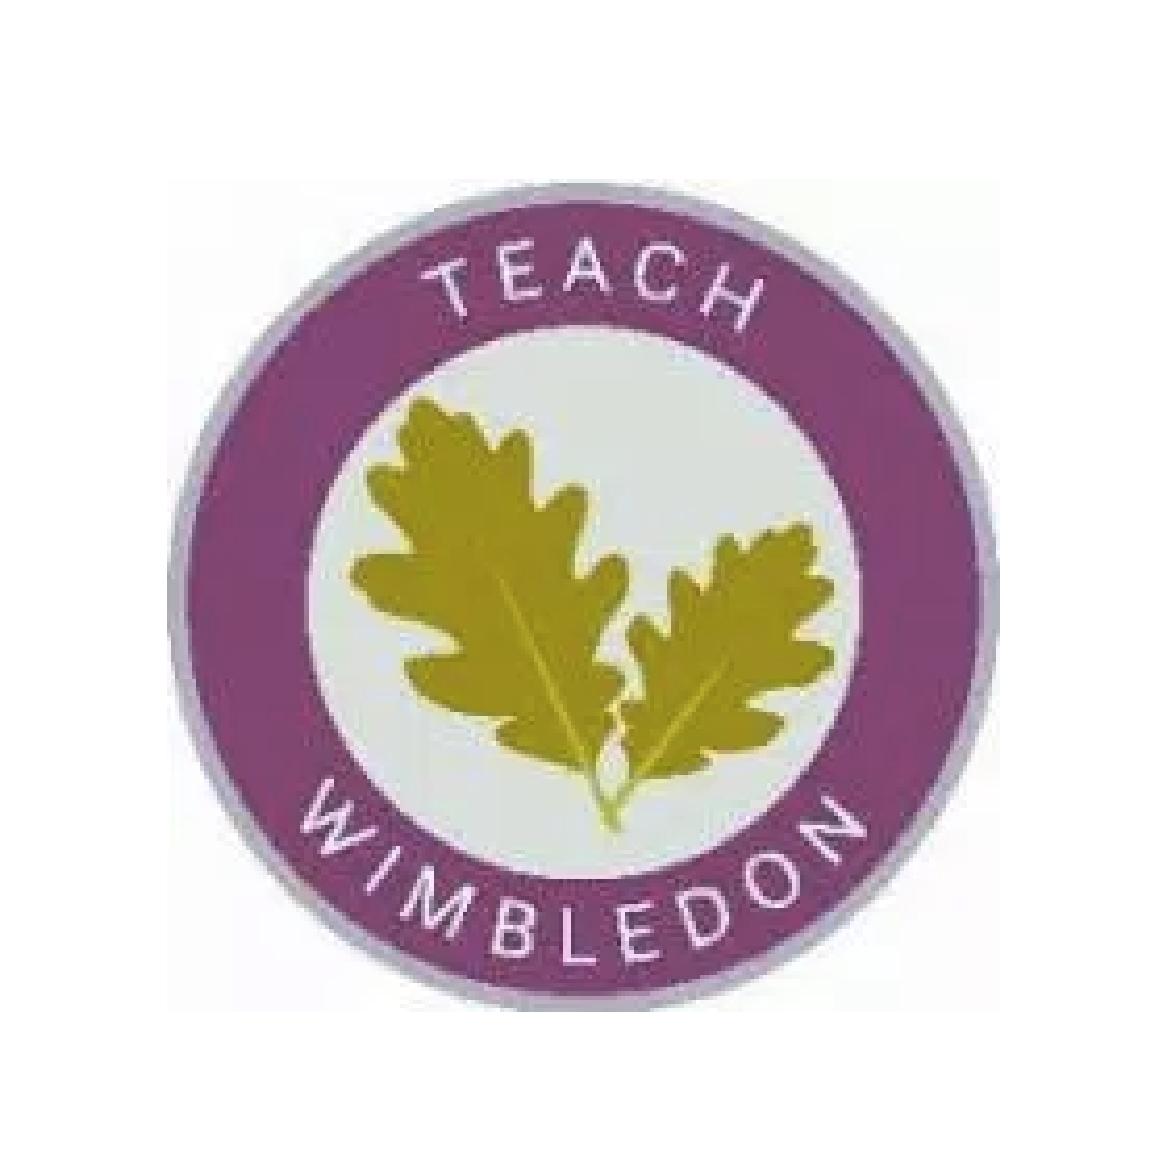 Teachwimbledon